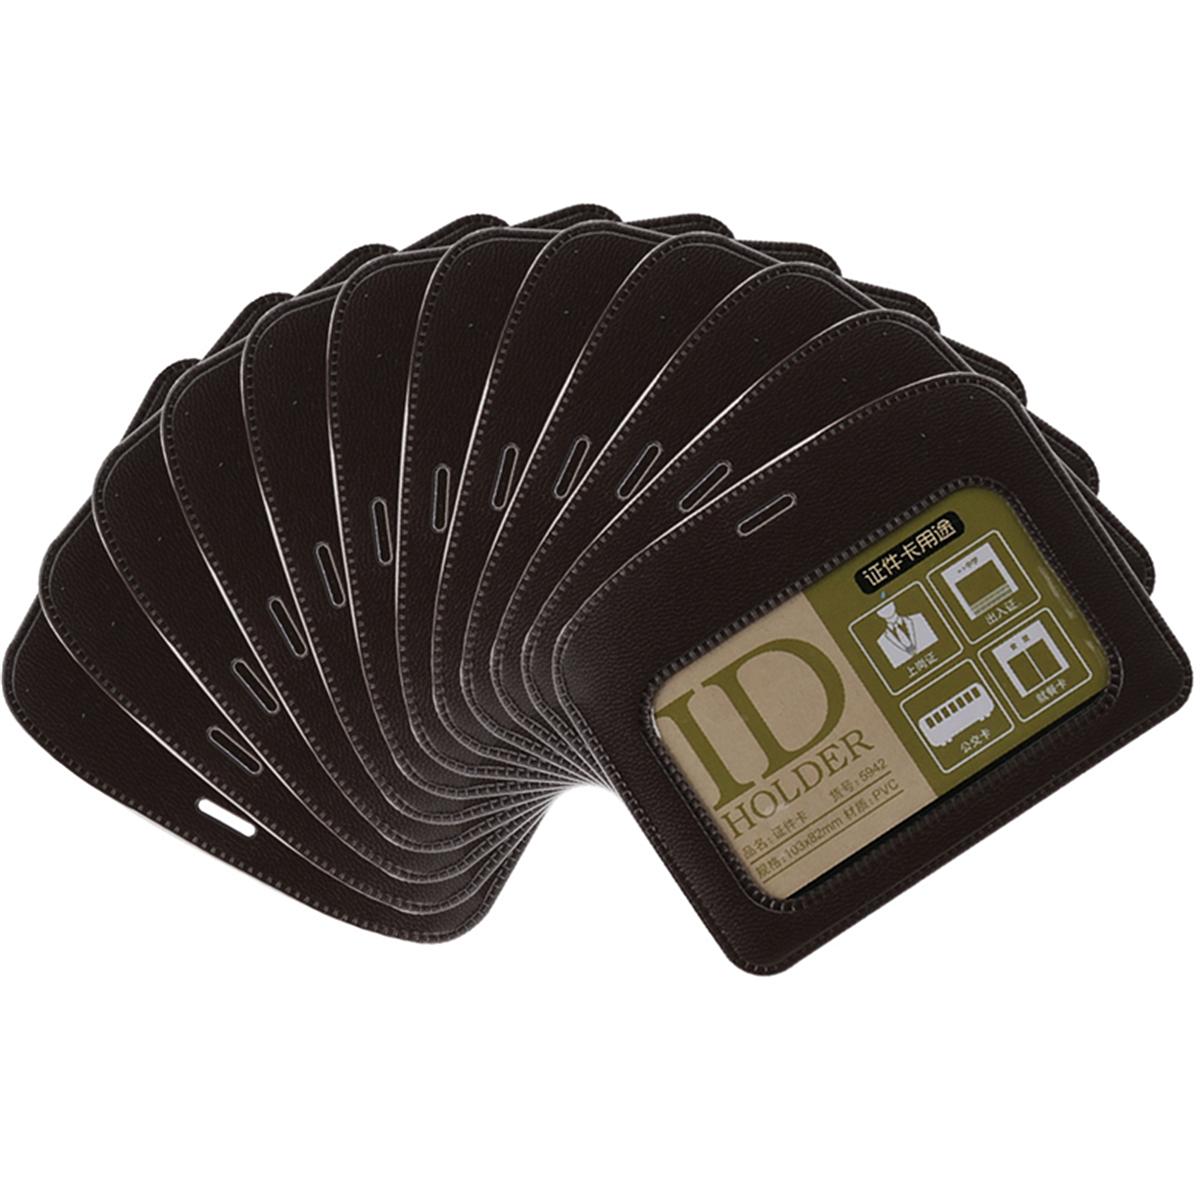 得力5942横式证件卡 会展证/证件卡/卡套(黑色)